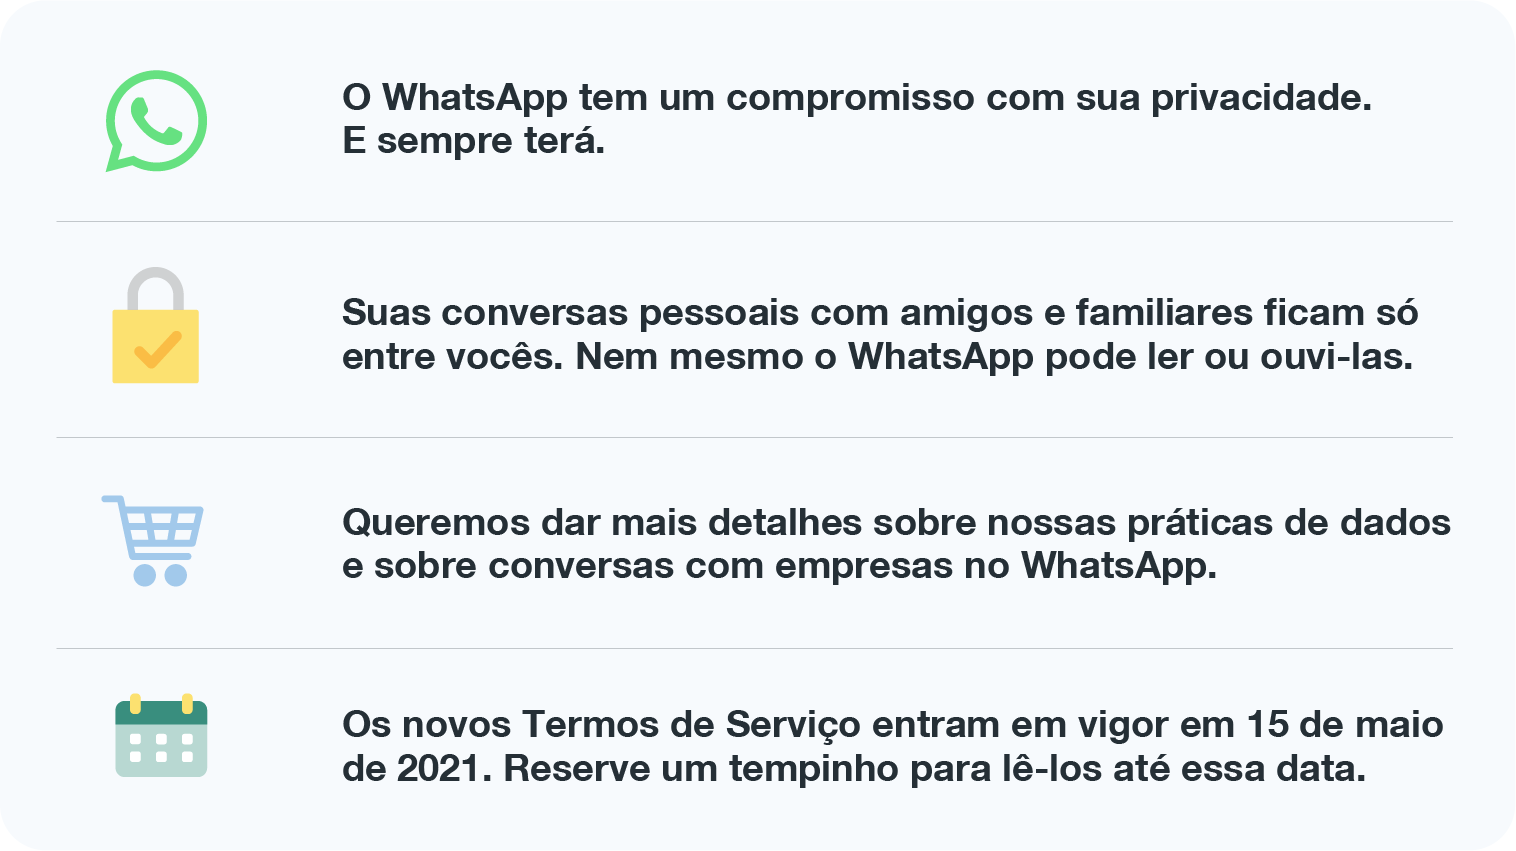 O WhatsApp tem um compromisso com sua privacidade. E sempre terá.  Suas conversas pessoais com amigos e familiares ficam só entre vocês. Nem mesmo o WhatsApp pode ler ou ouvi-las.  Queremos dar mais detalhes sobre nossas práticas de dados e sobre conversas com empresas no WhatsApp.  Os novos Termos de Serviço entram em vigor em 15 de maio de 2021. Reserve um tempinho para lê-los até essa data.